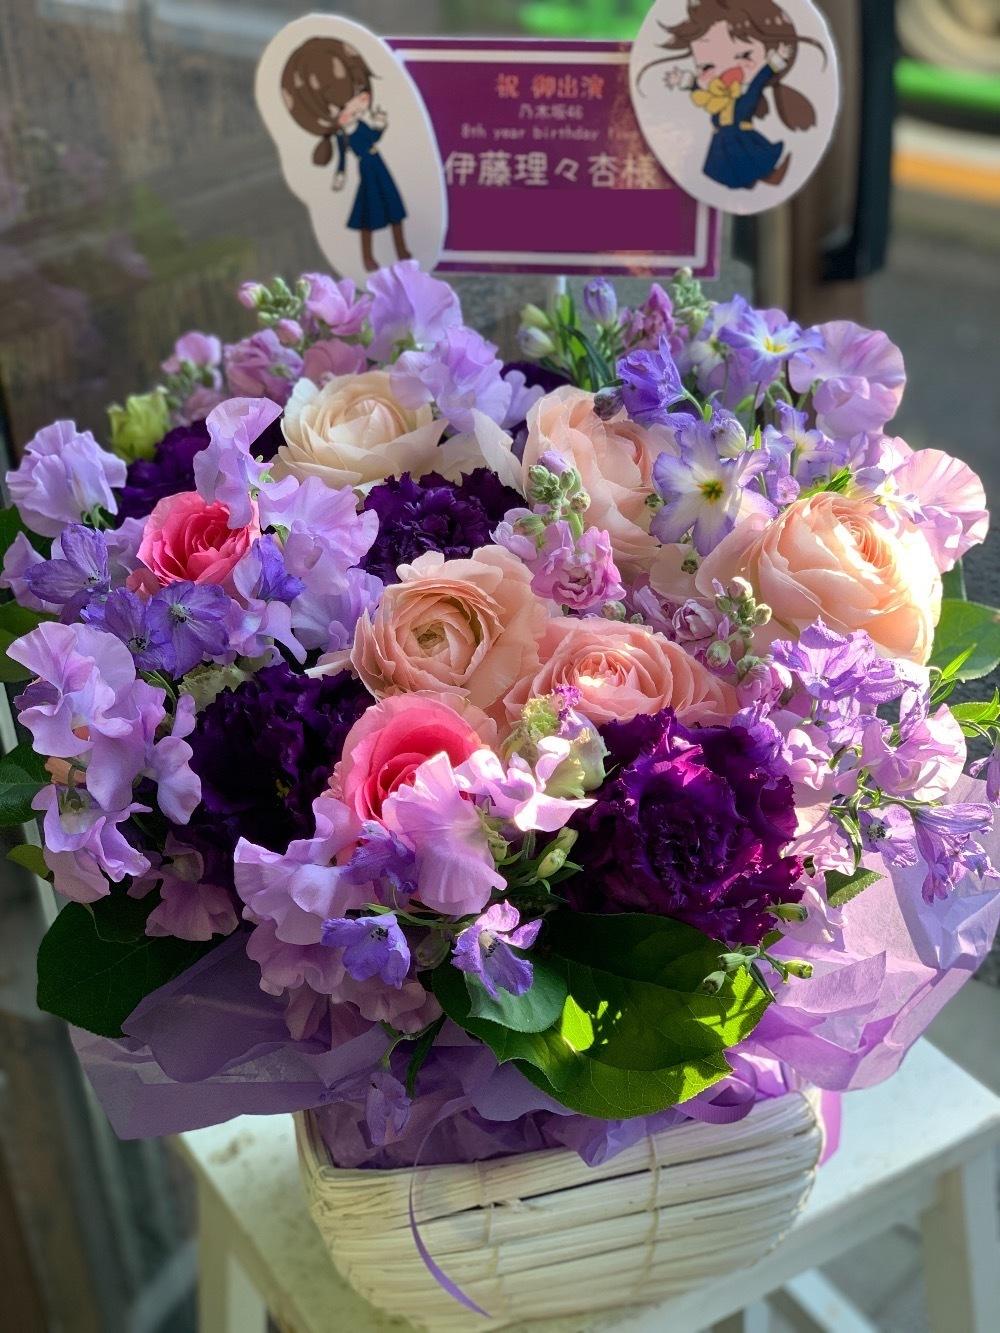 淡い紫のスイートピーを使用したお祝い花